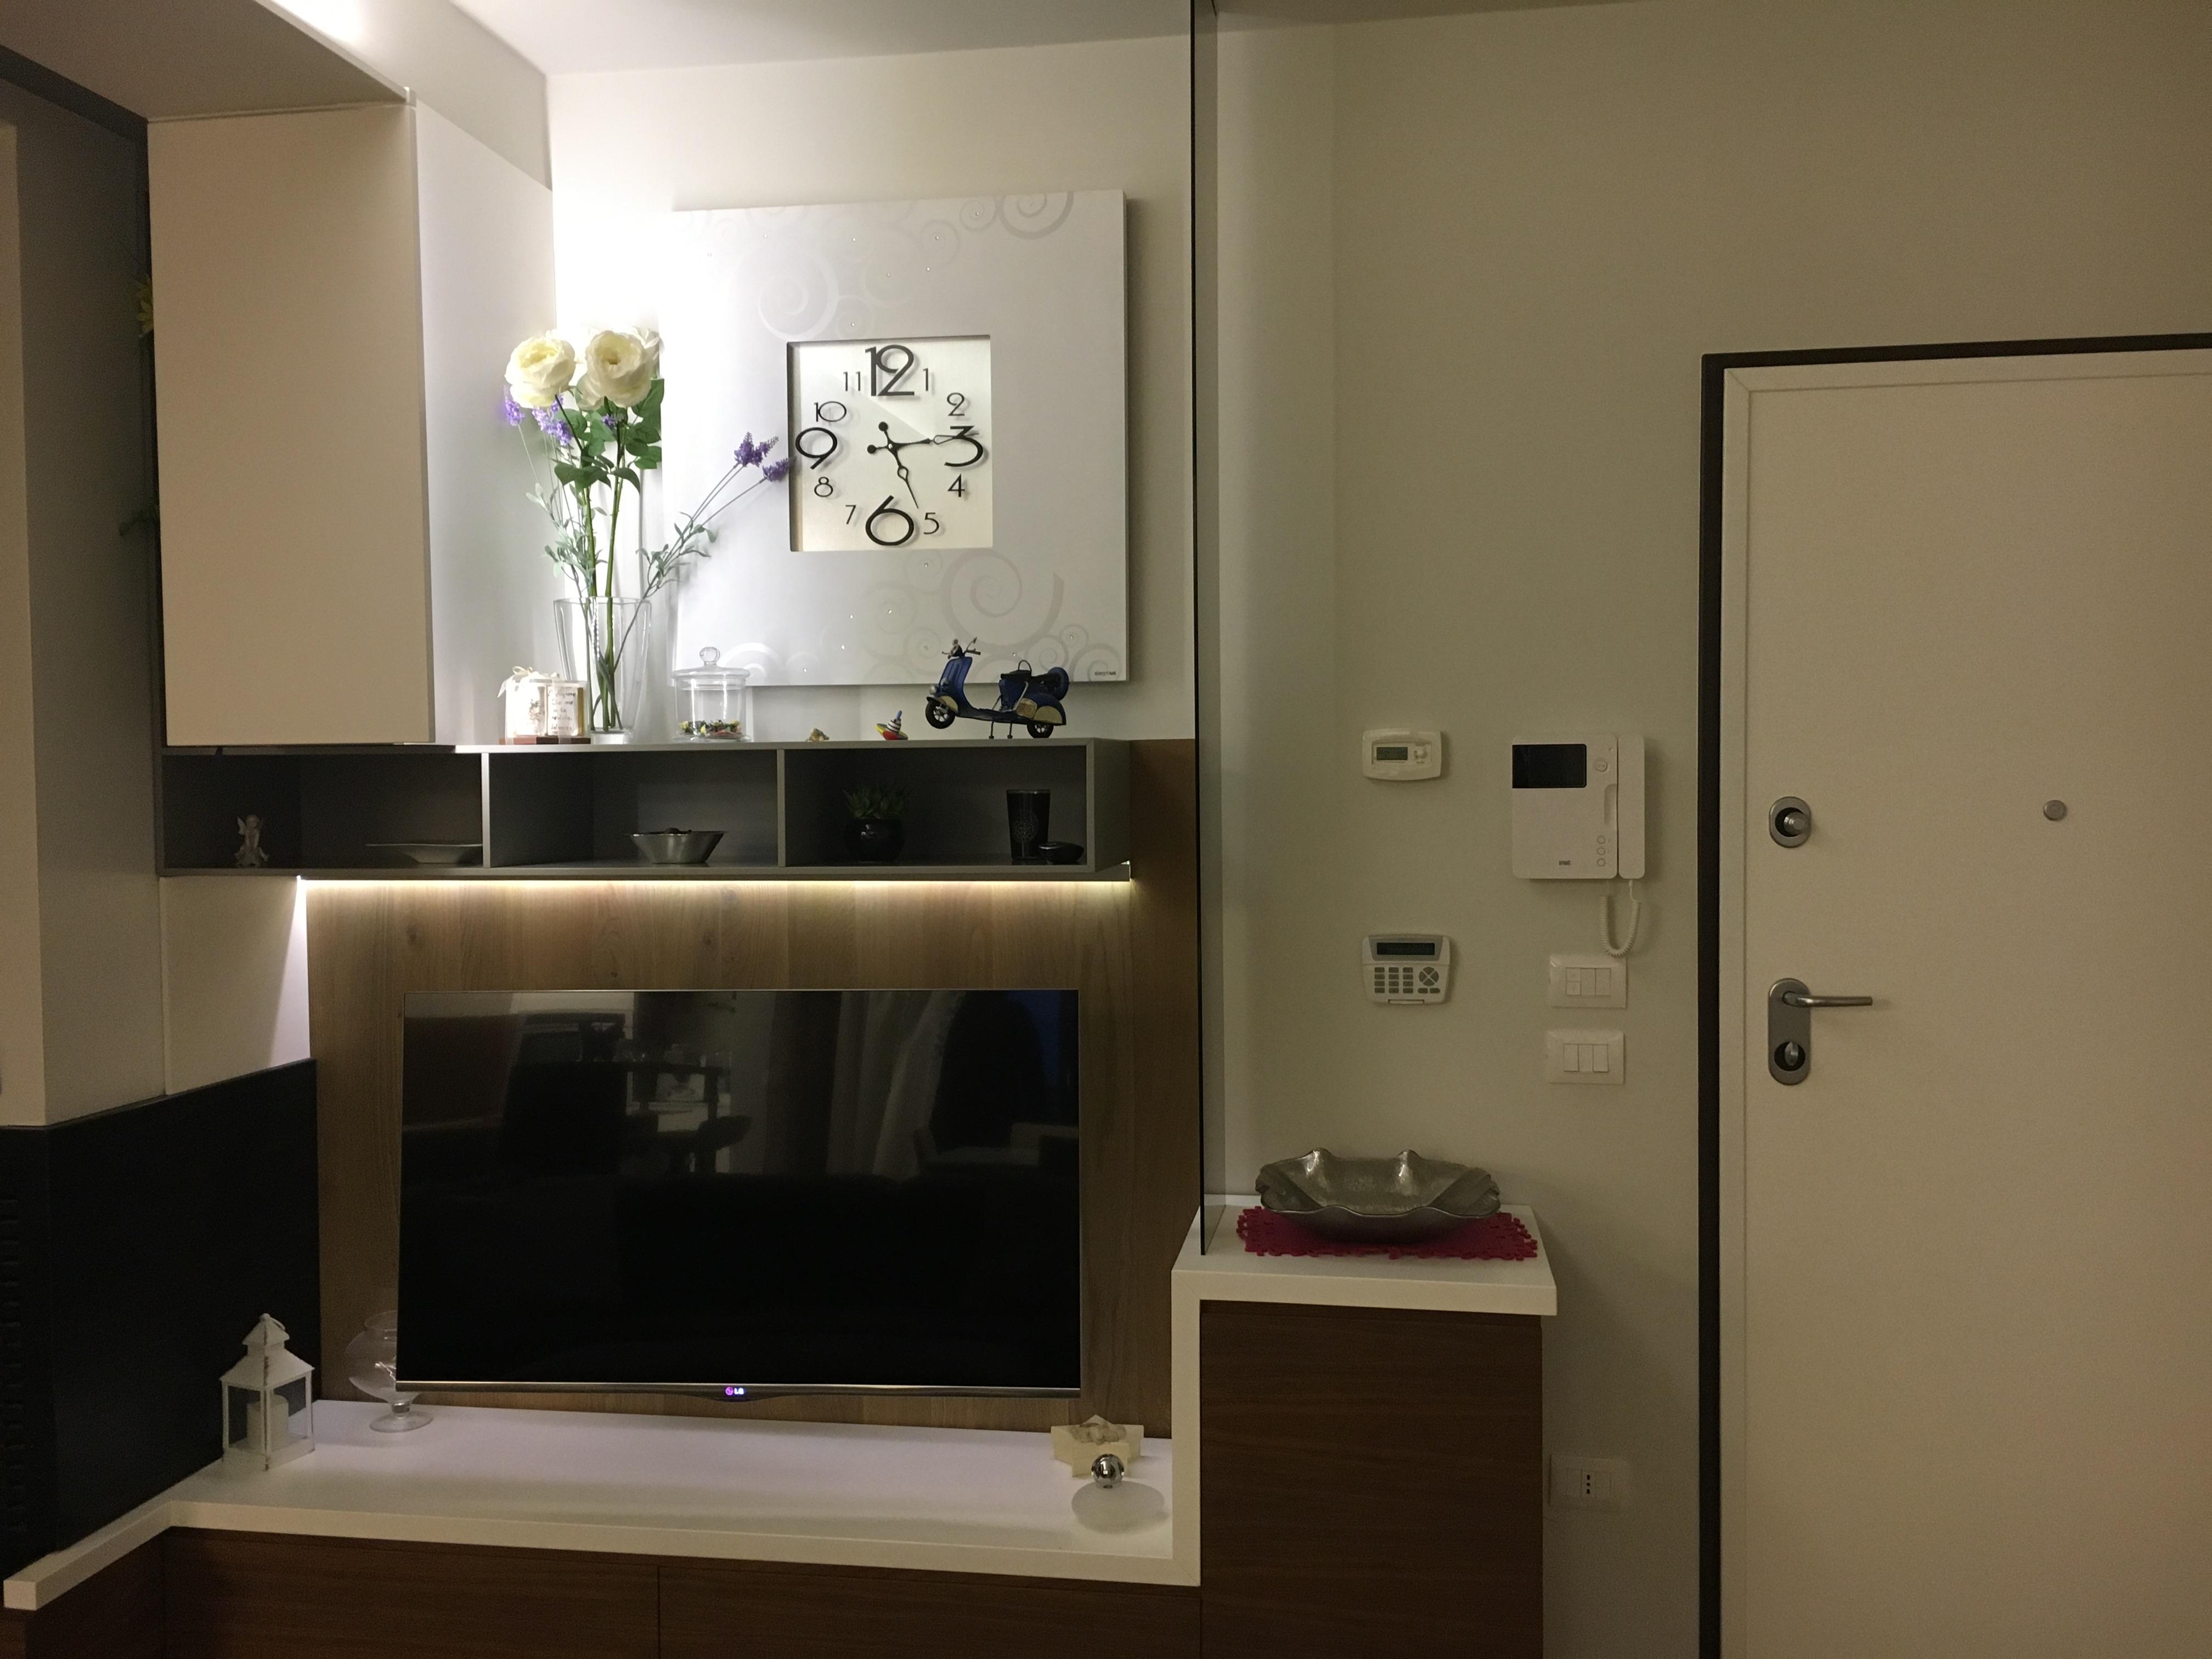 Appartamento arredato midi immobiliare for Appartamento arredato